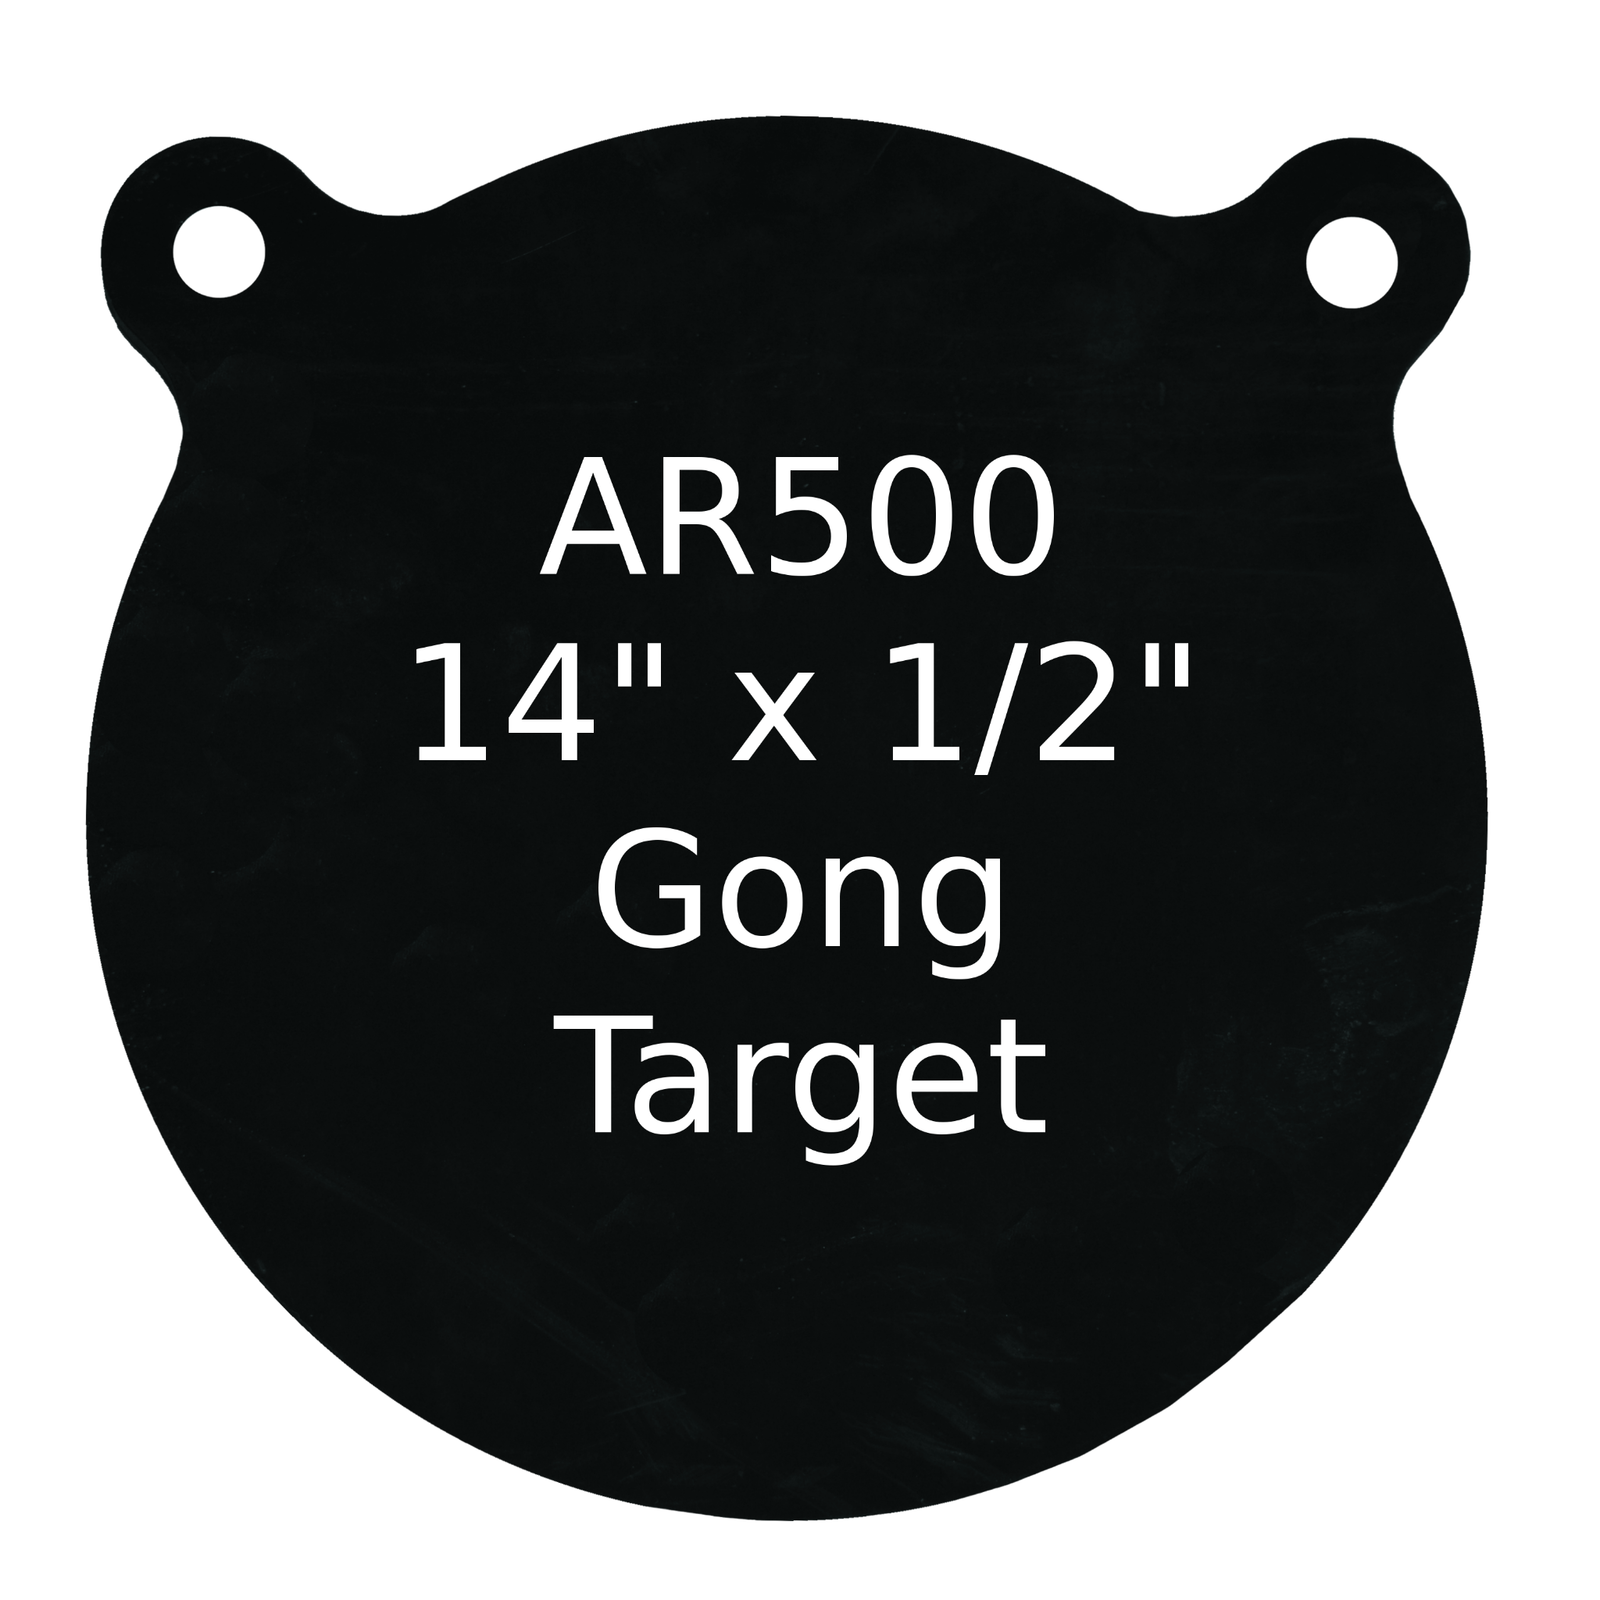 Gong de destino de acero uno AR500 1 1 1 2  X 14  rango de práctica de tiro Pintada De Negro 22a16c